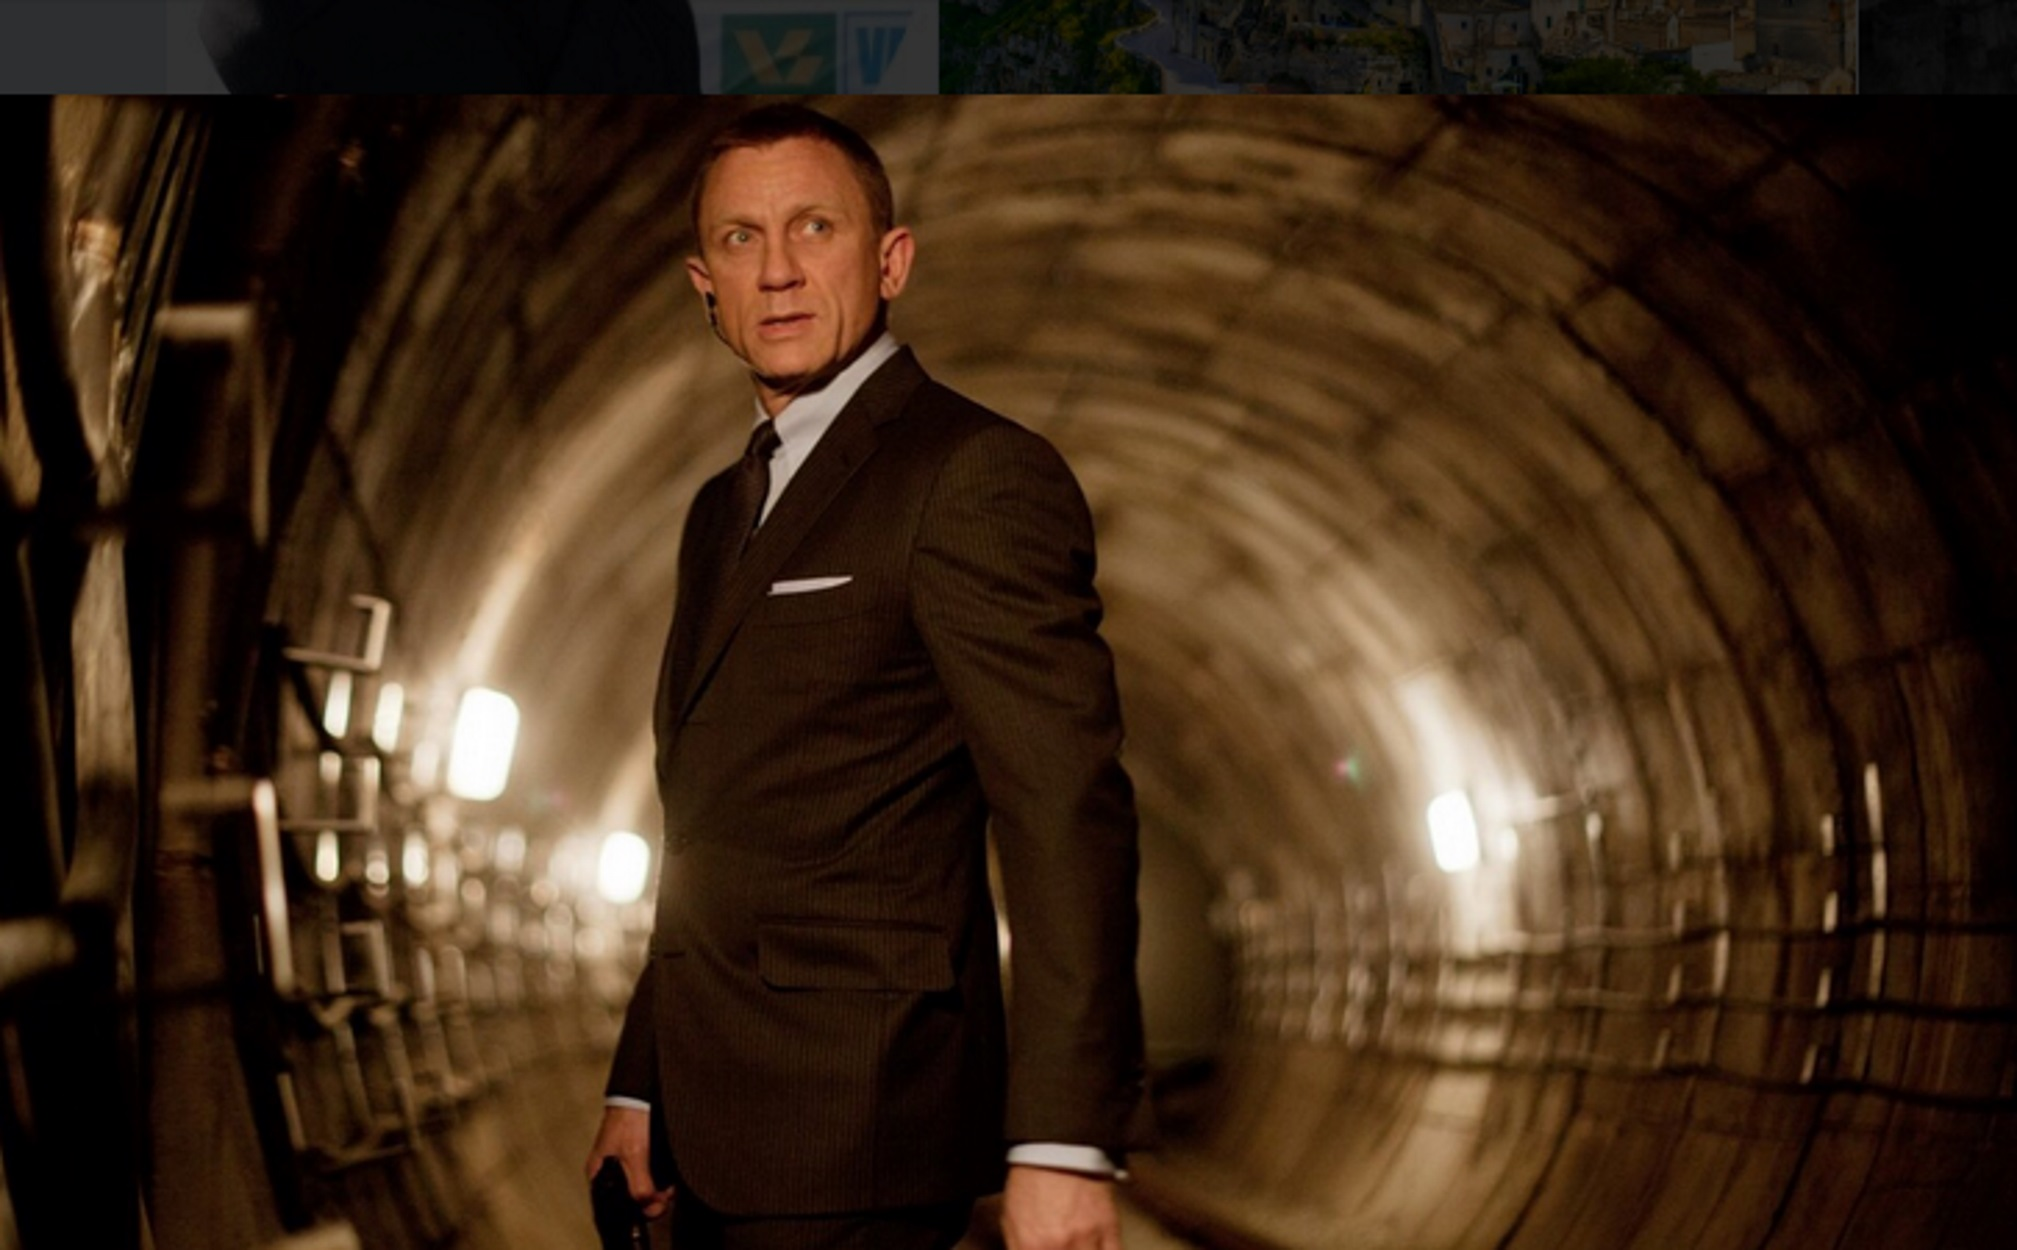 Γι αυτόν τον λόγο ο Ντάνιελ Κρεγκ δεν ήθελε να ξαναπαίξει τον James Bond